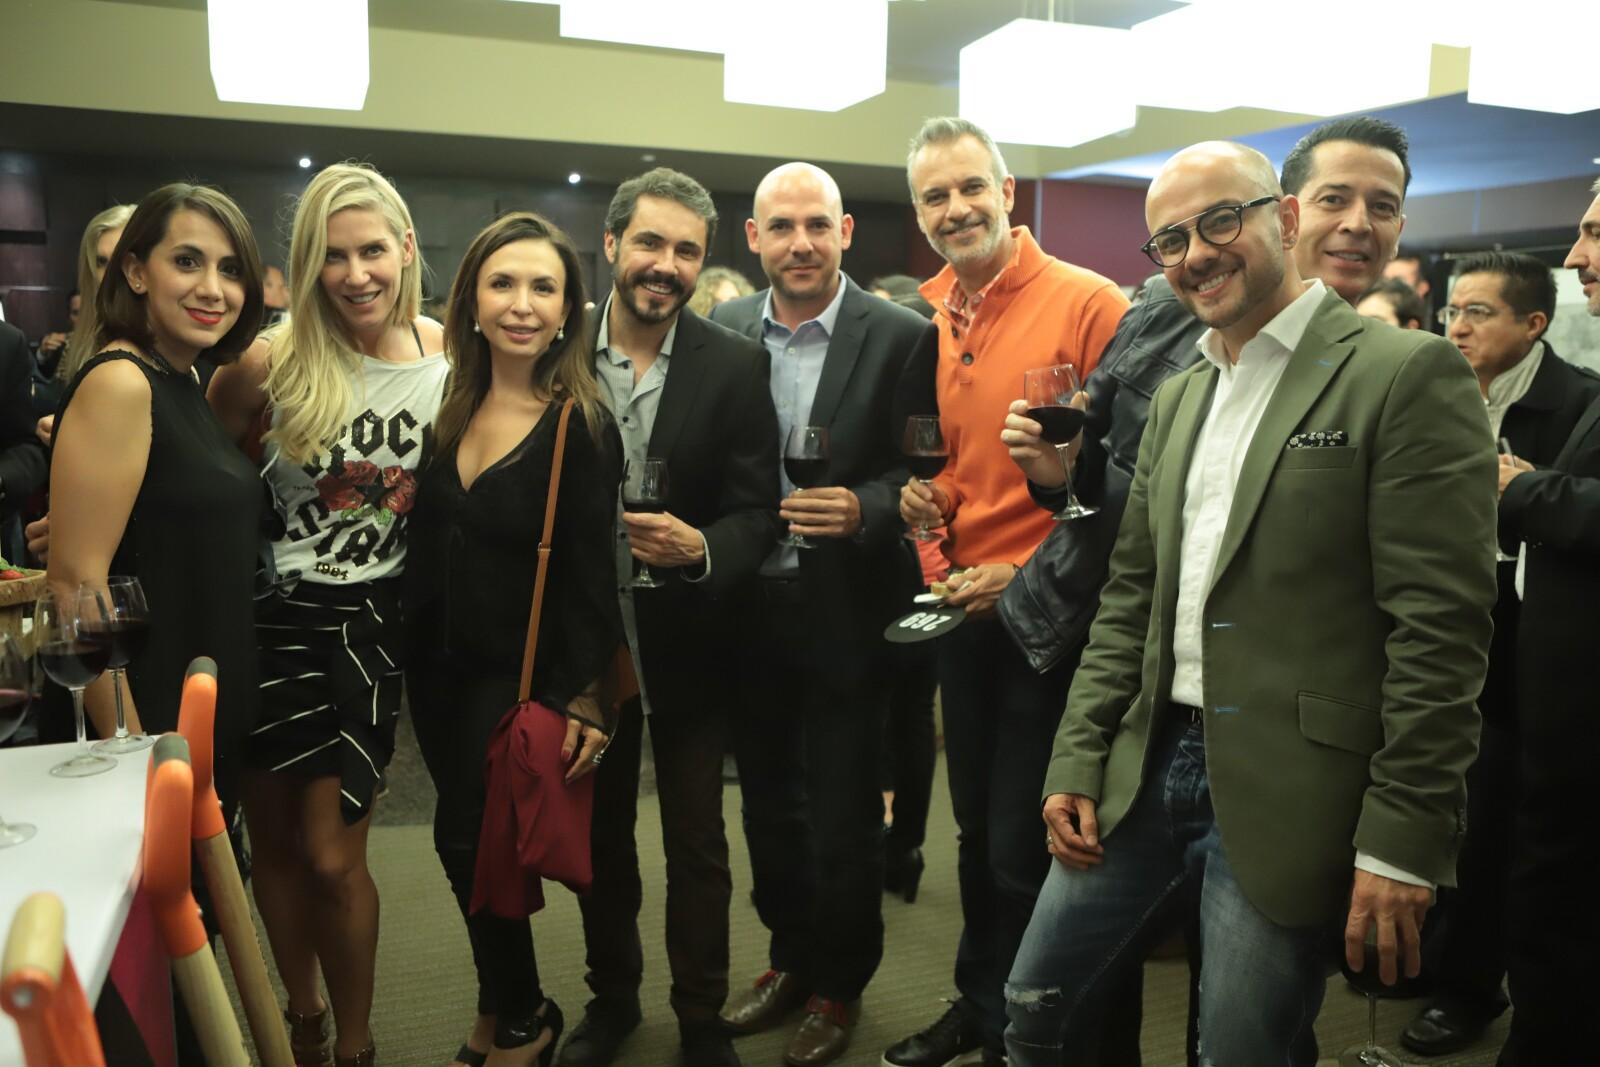 Anette Castro, Mossy Santini, Rene Moreno, Andres Suarez, Francisco Zayas, Guillermo Serrano.JPG